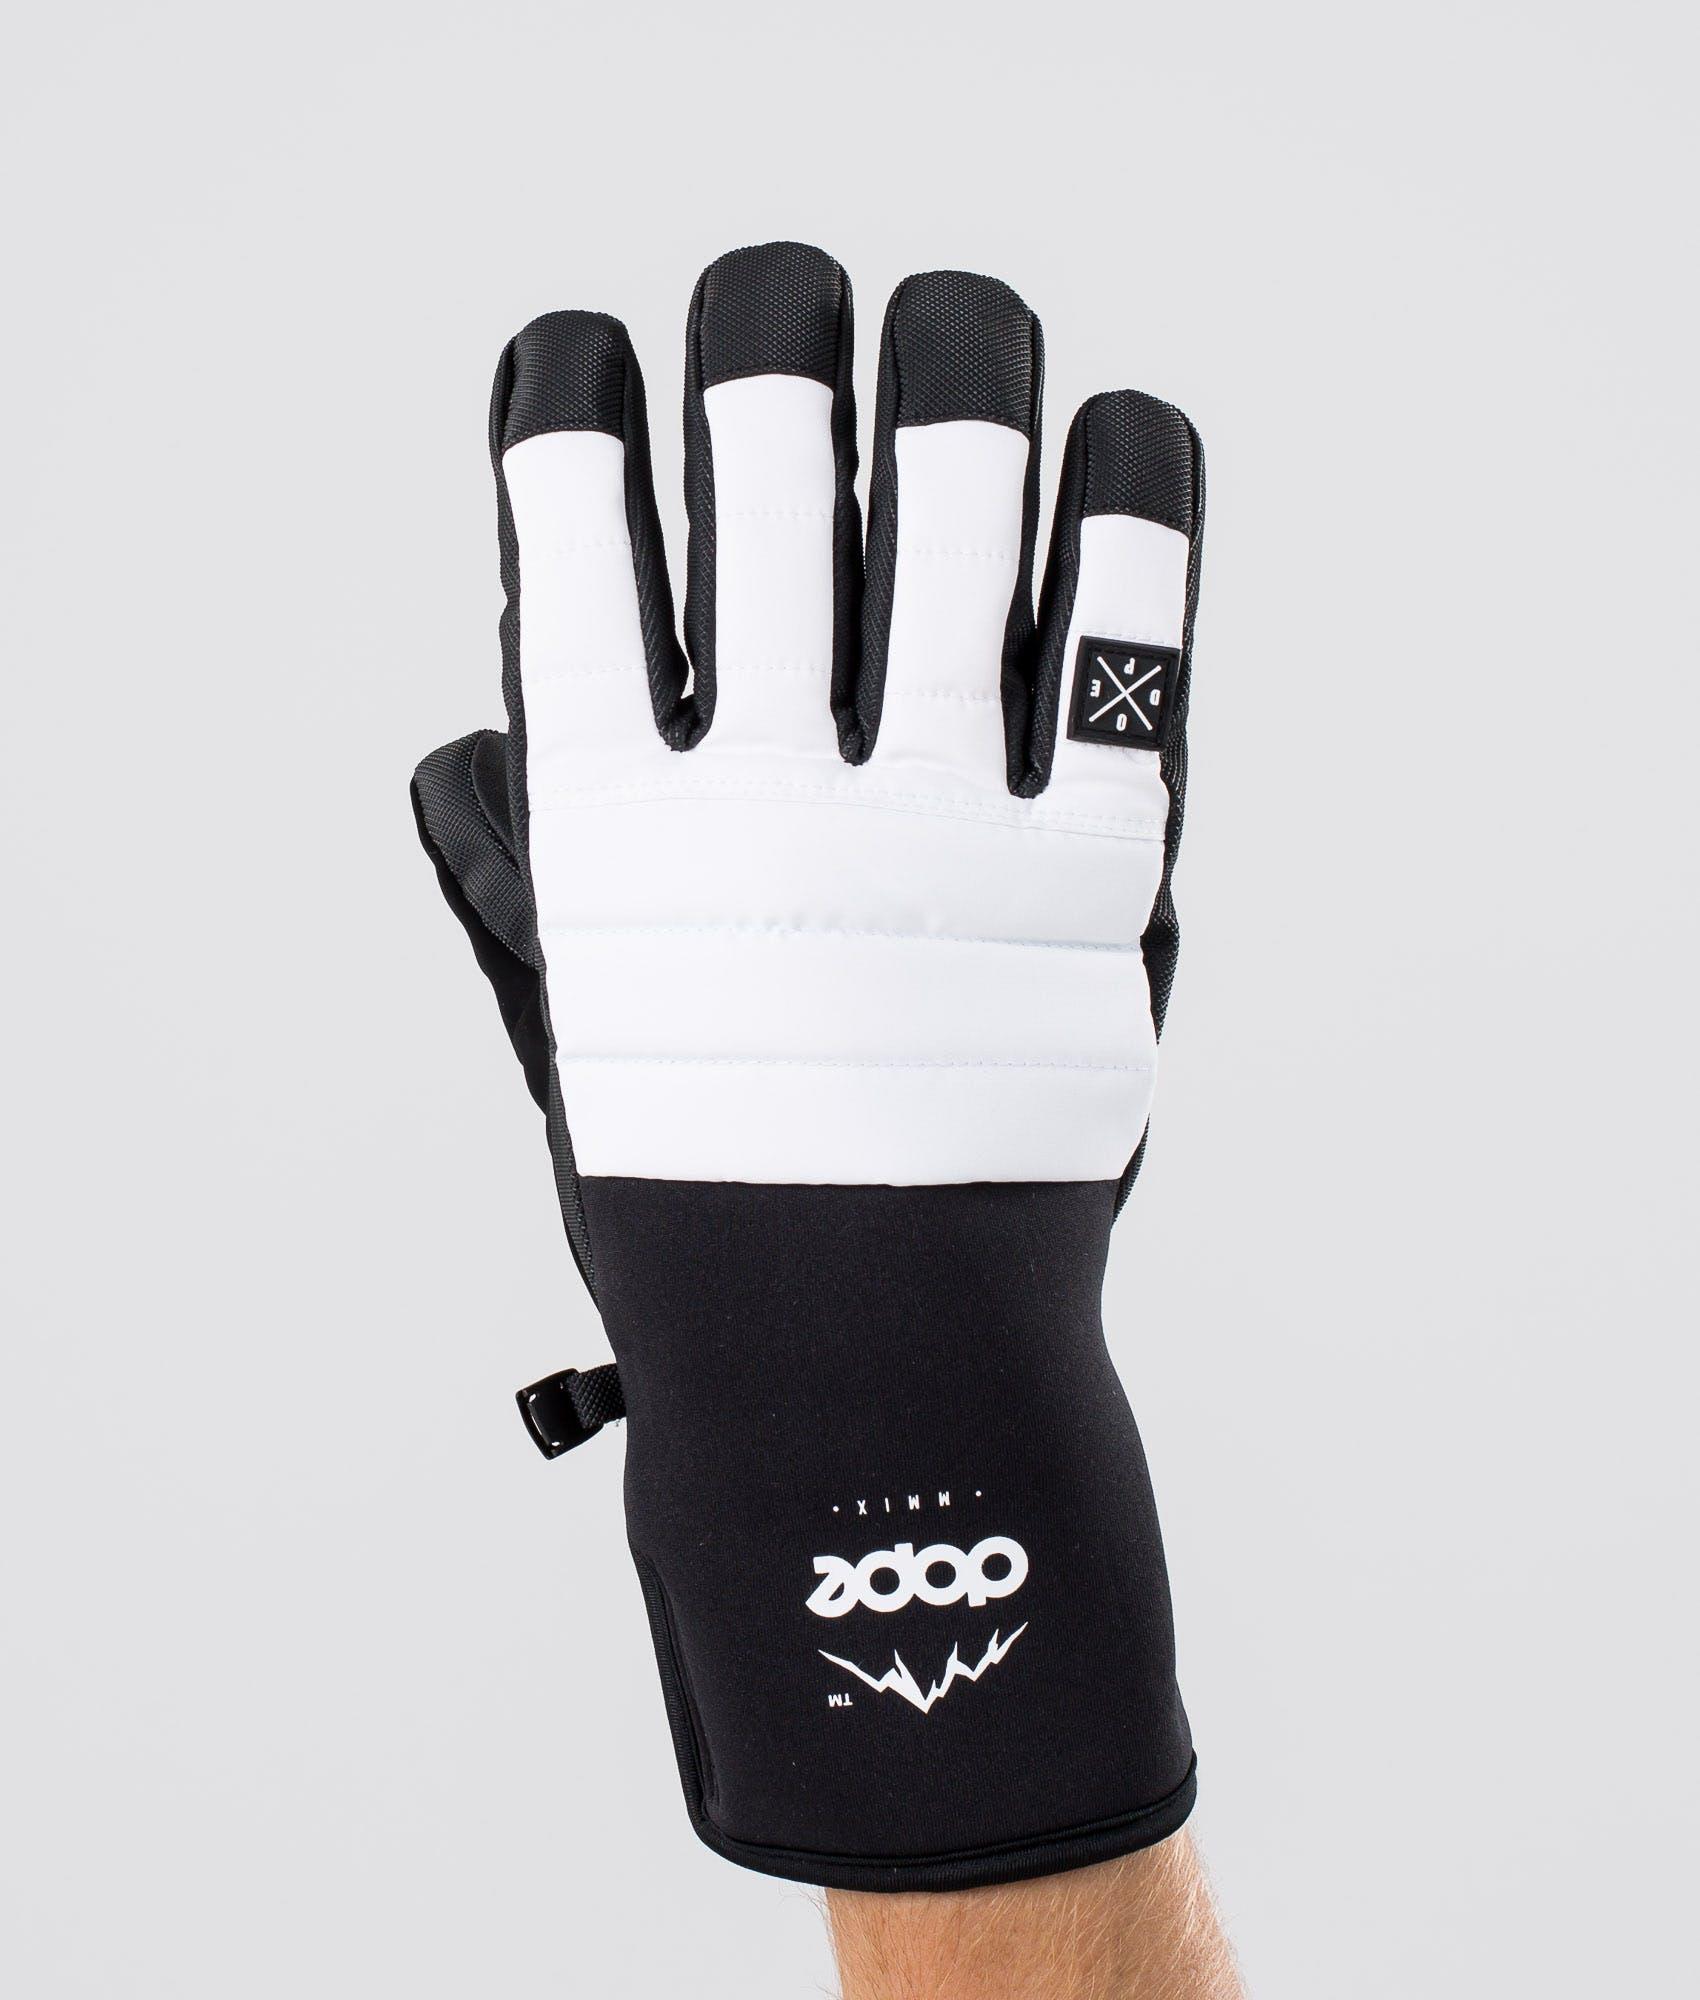 finger gloves